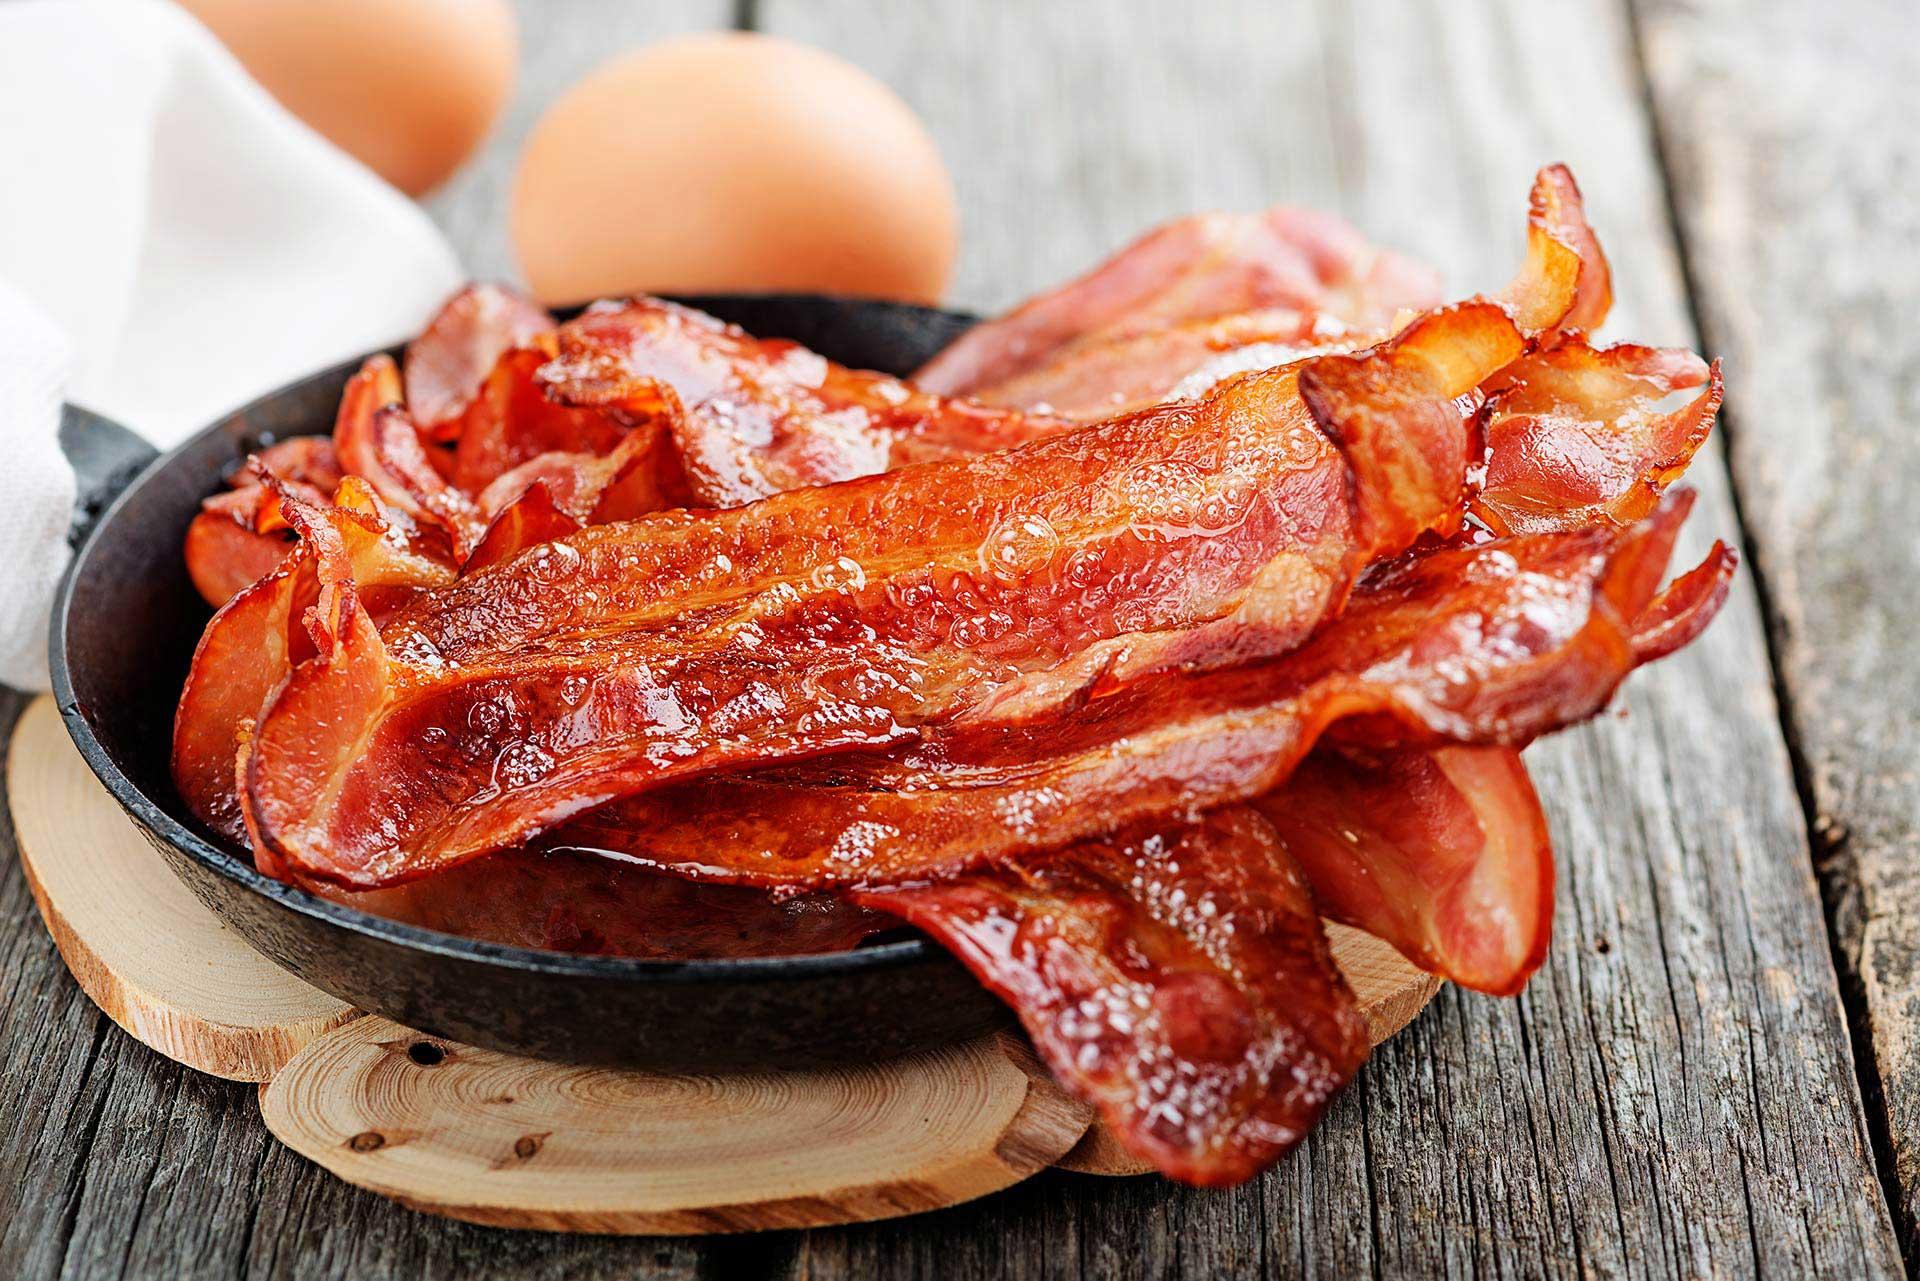 Bacon grillé et ses petits pois frais